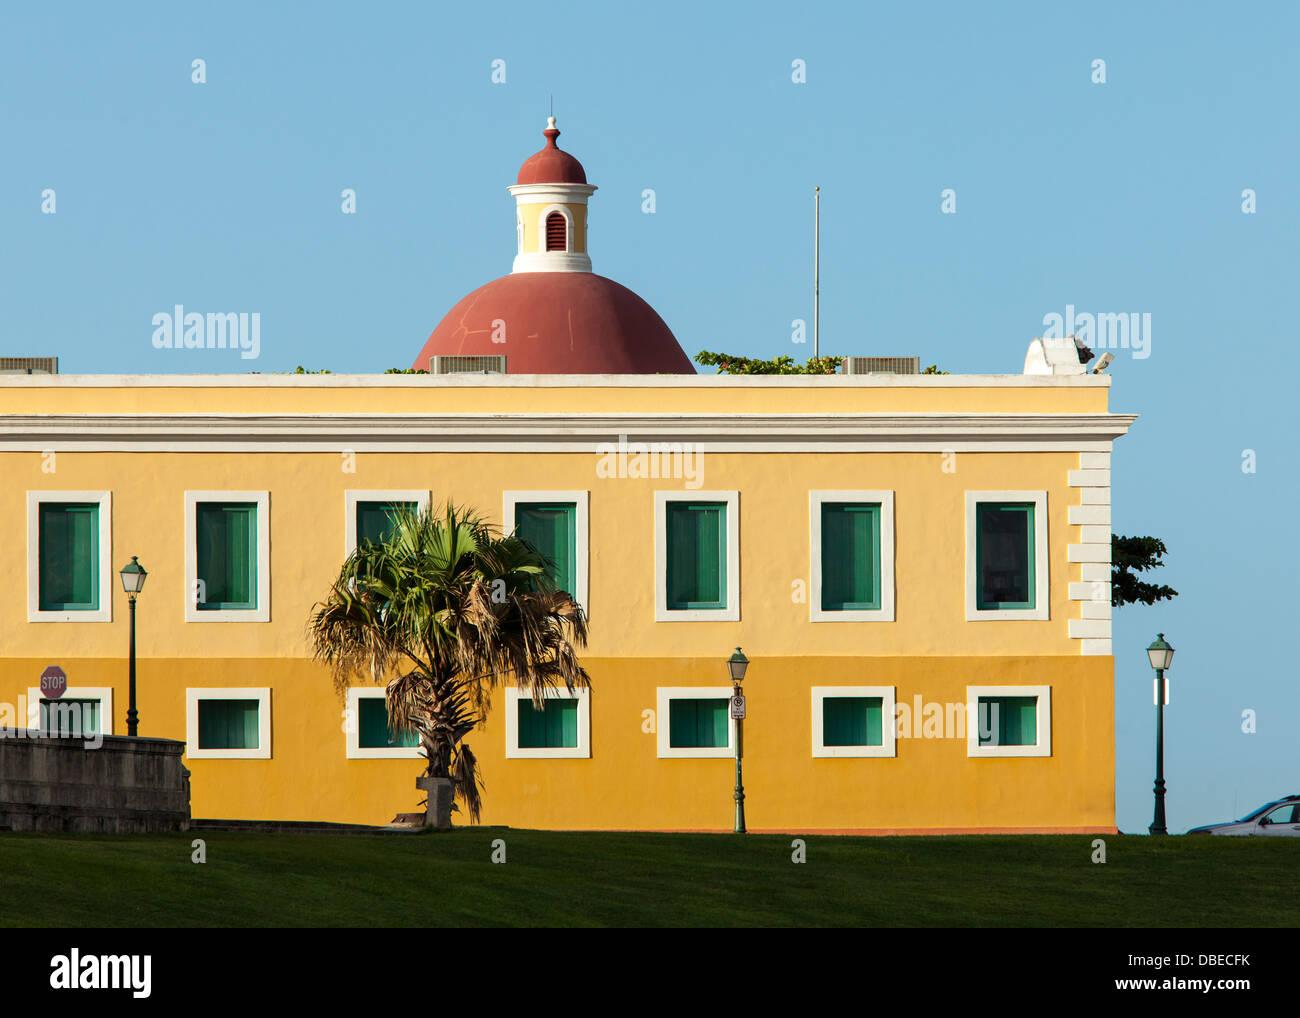 Cuartel de Ballaja in San Juan, Puerto Rico. - Stock Image